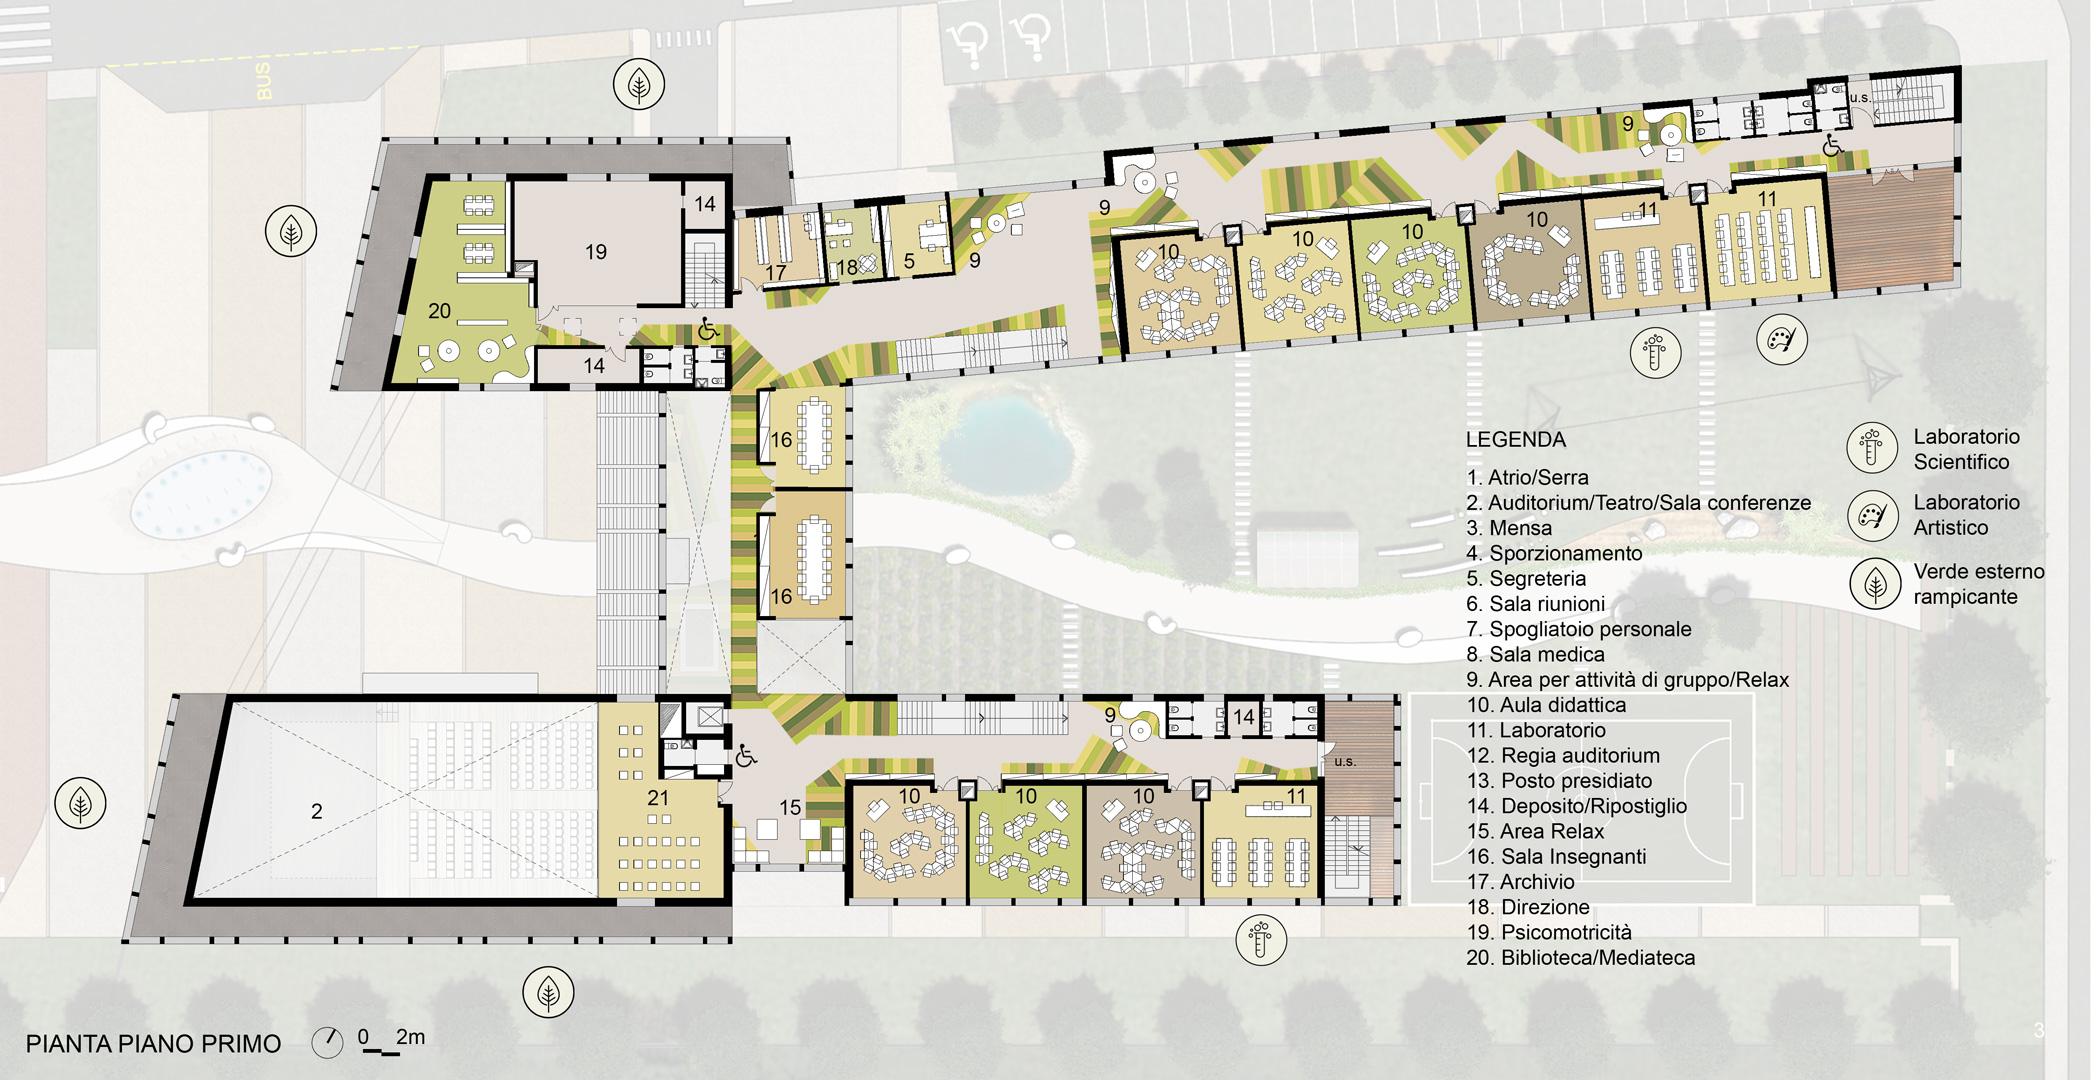 gare-concorsi-scuole-bioedilizia-lonate-ceppino-piante-architettonico